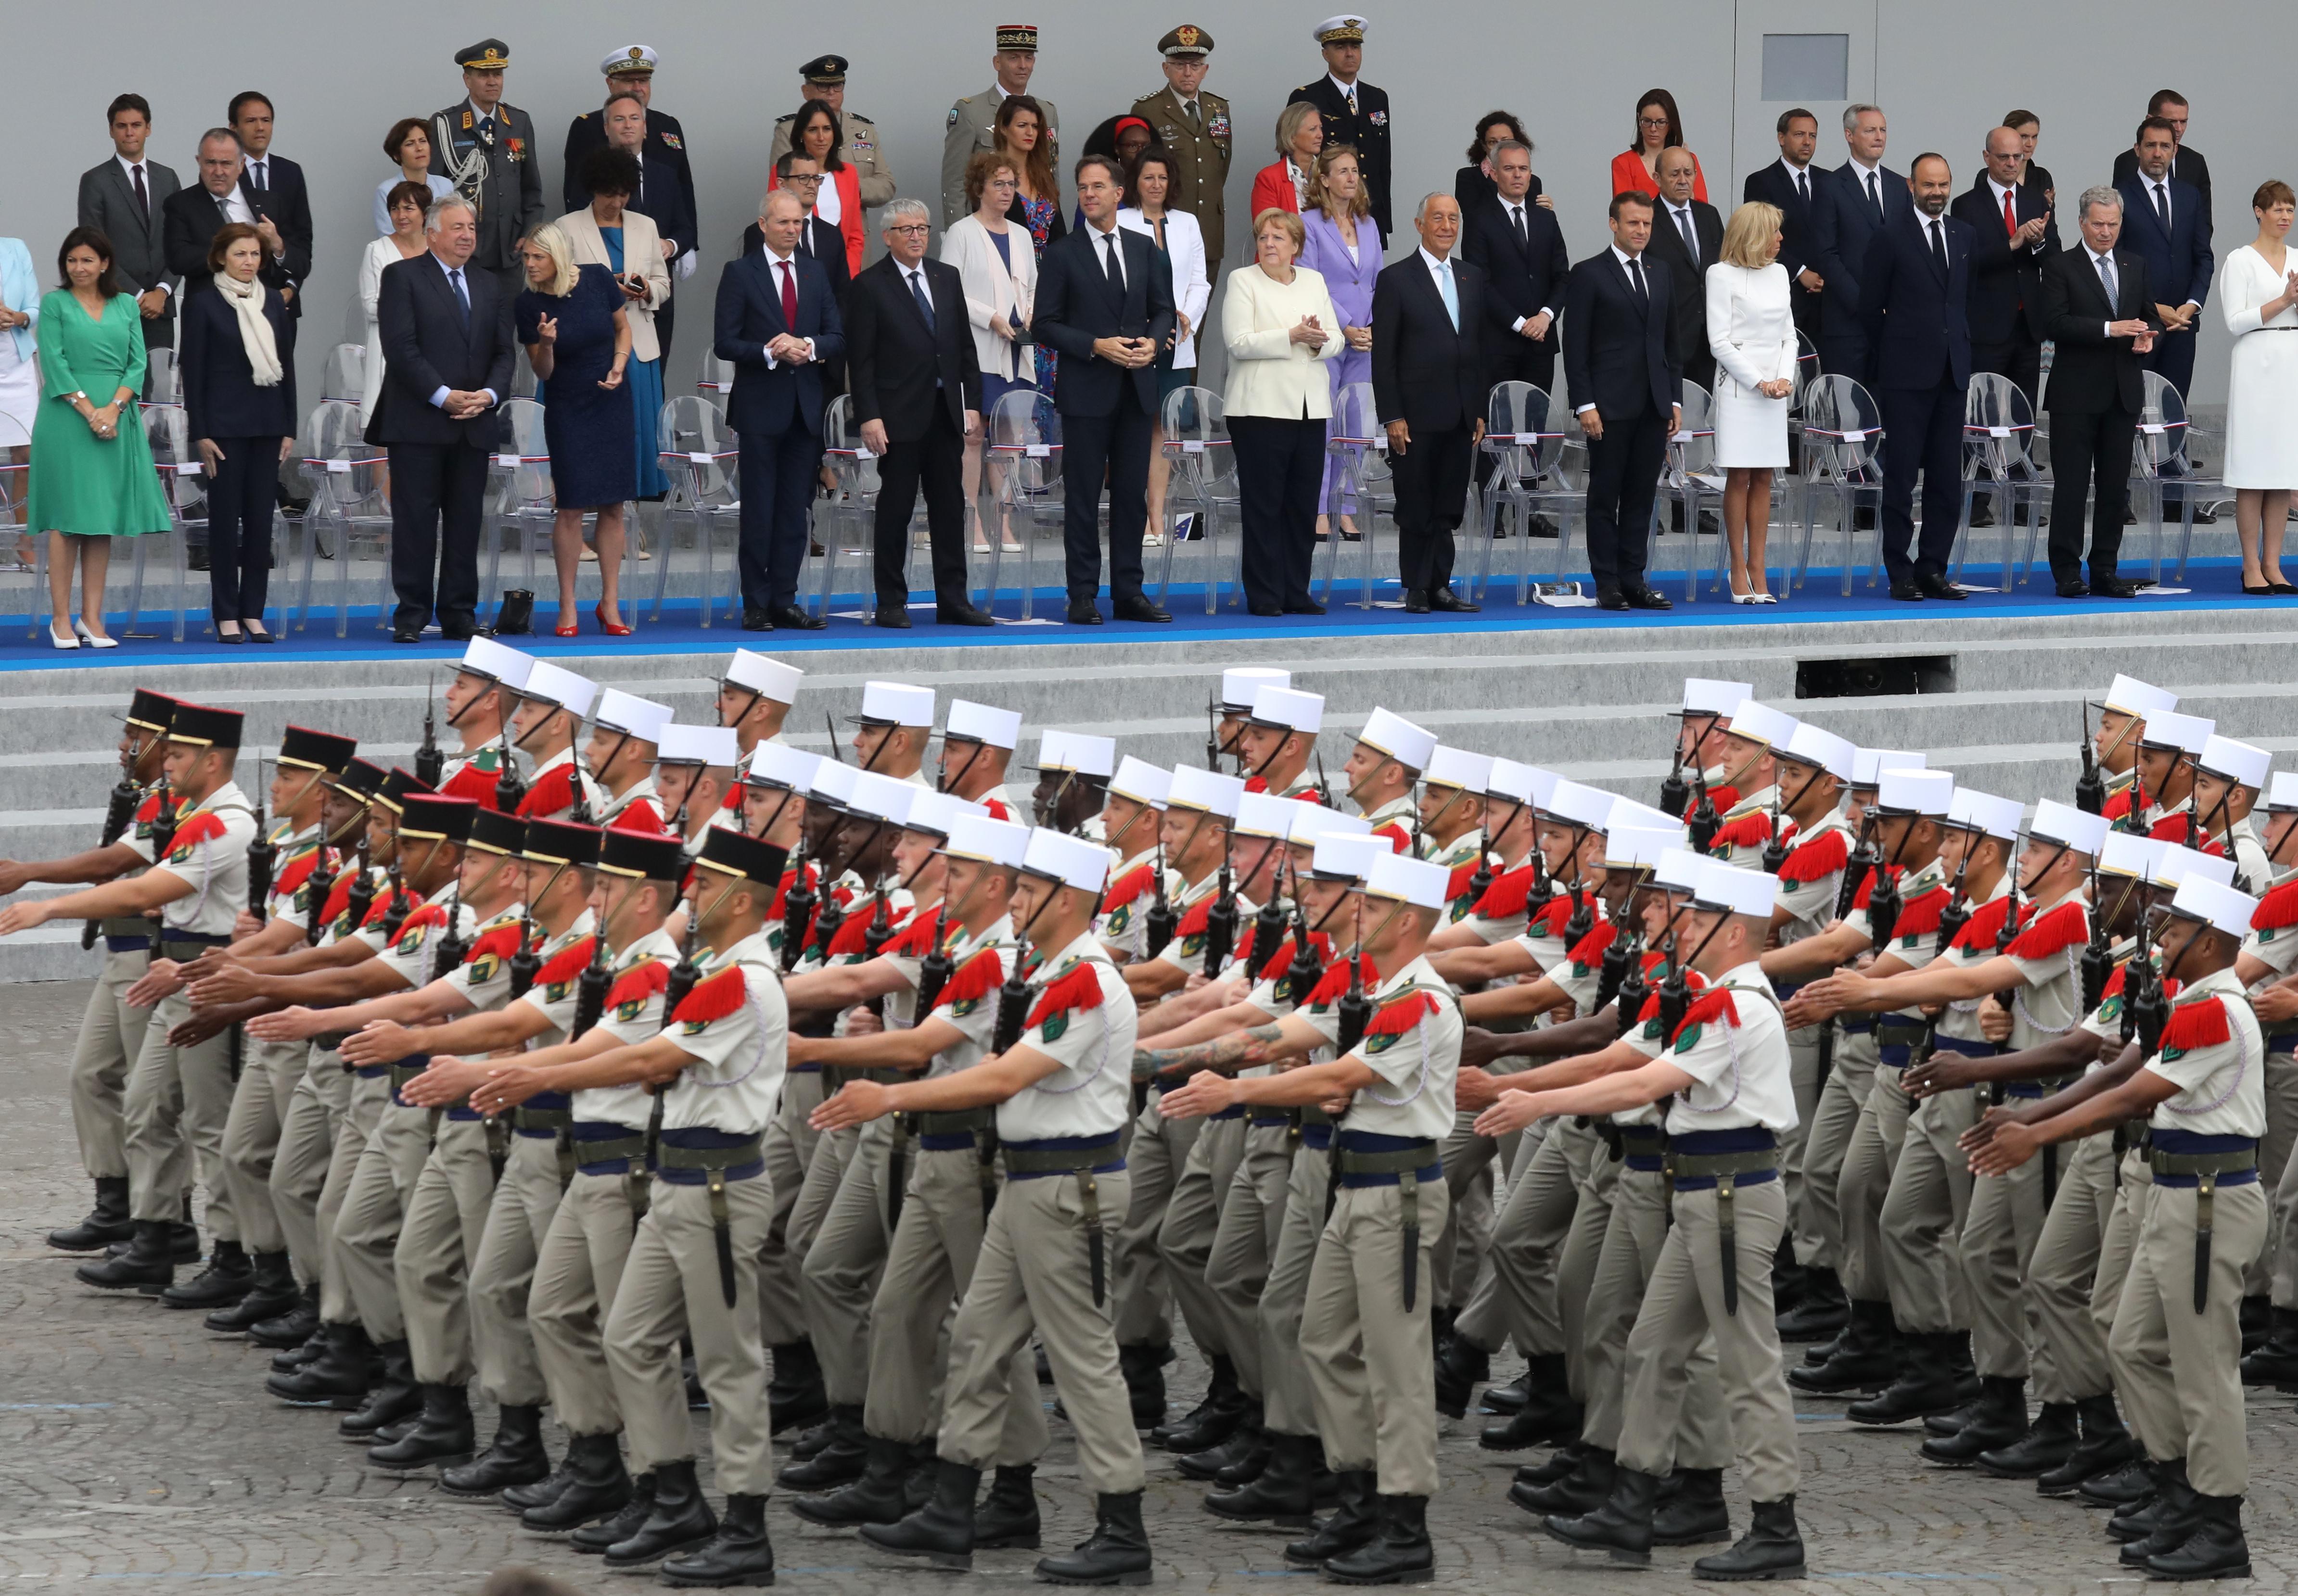 Miembros de la icónica Legión Extranjera francesa